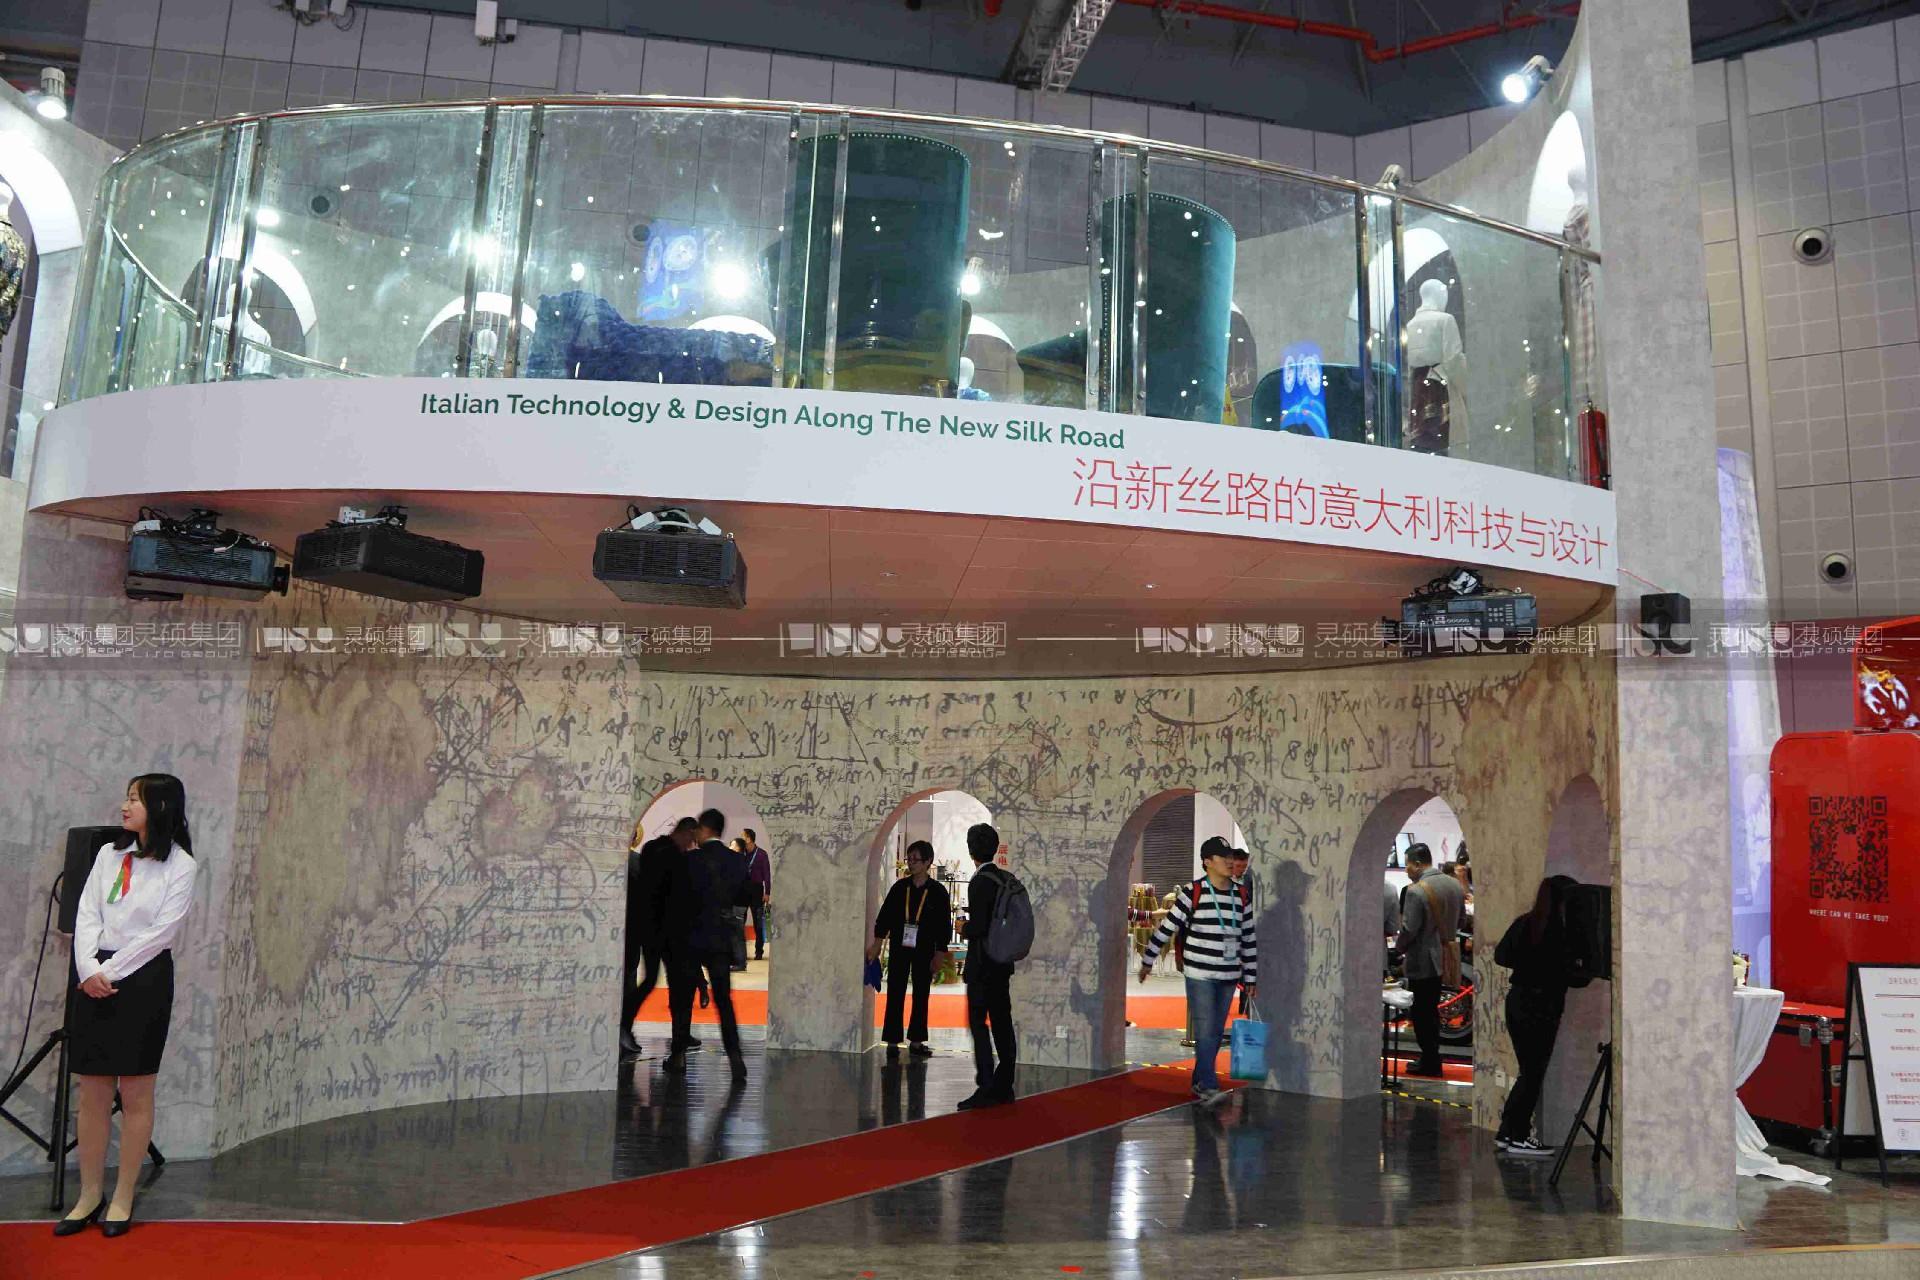 意大利国家馆-2019年第二届进博会展台设计案例